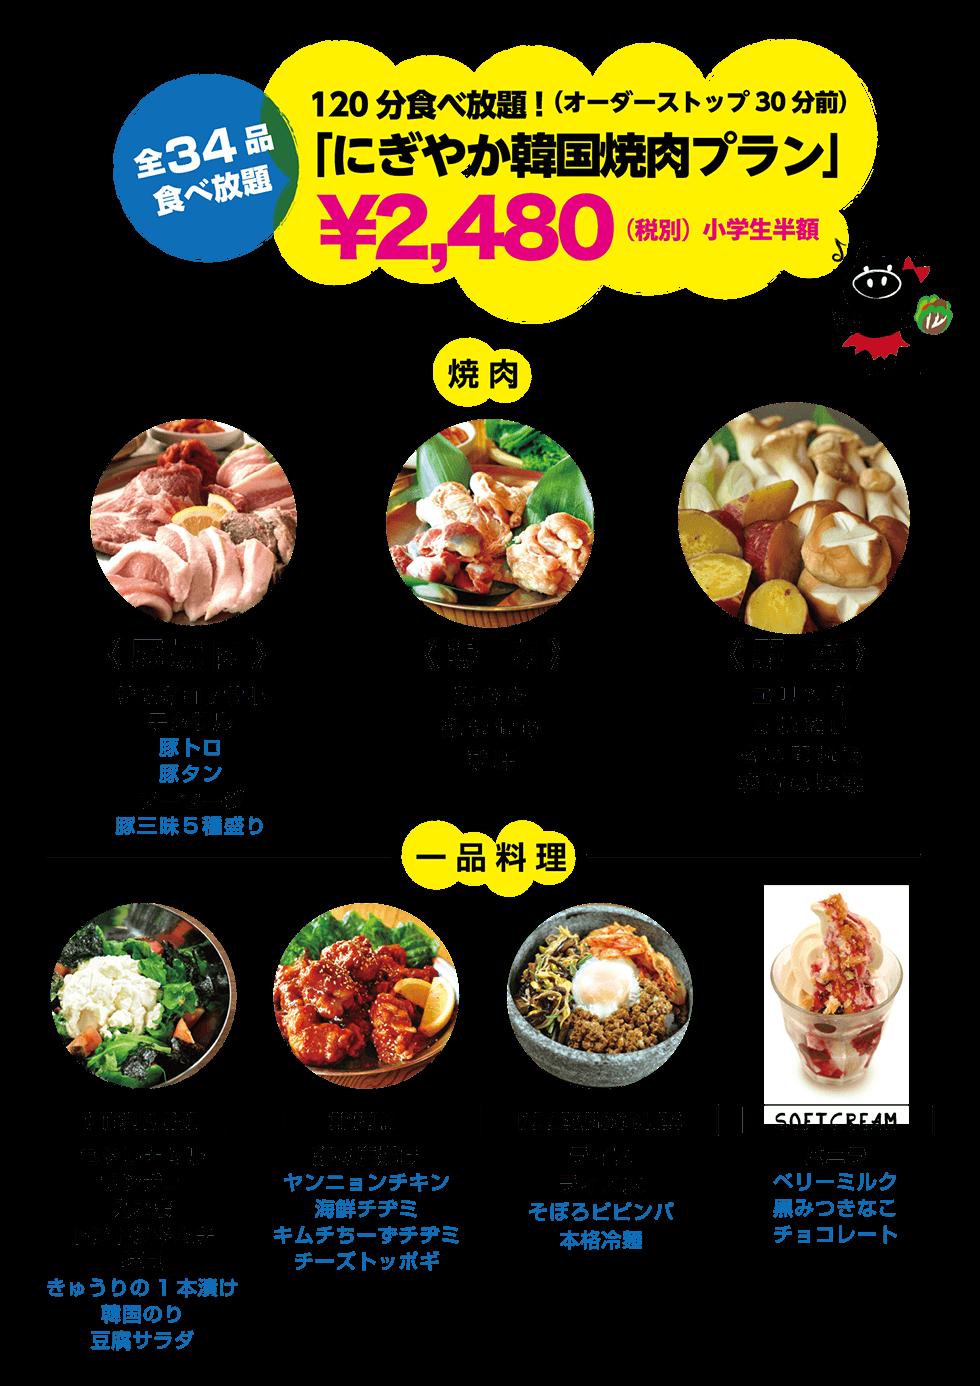 平日限定 食べ放題祭り4